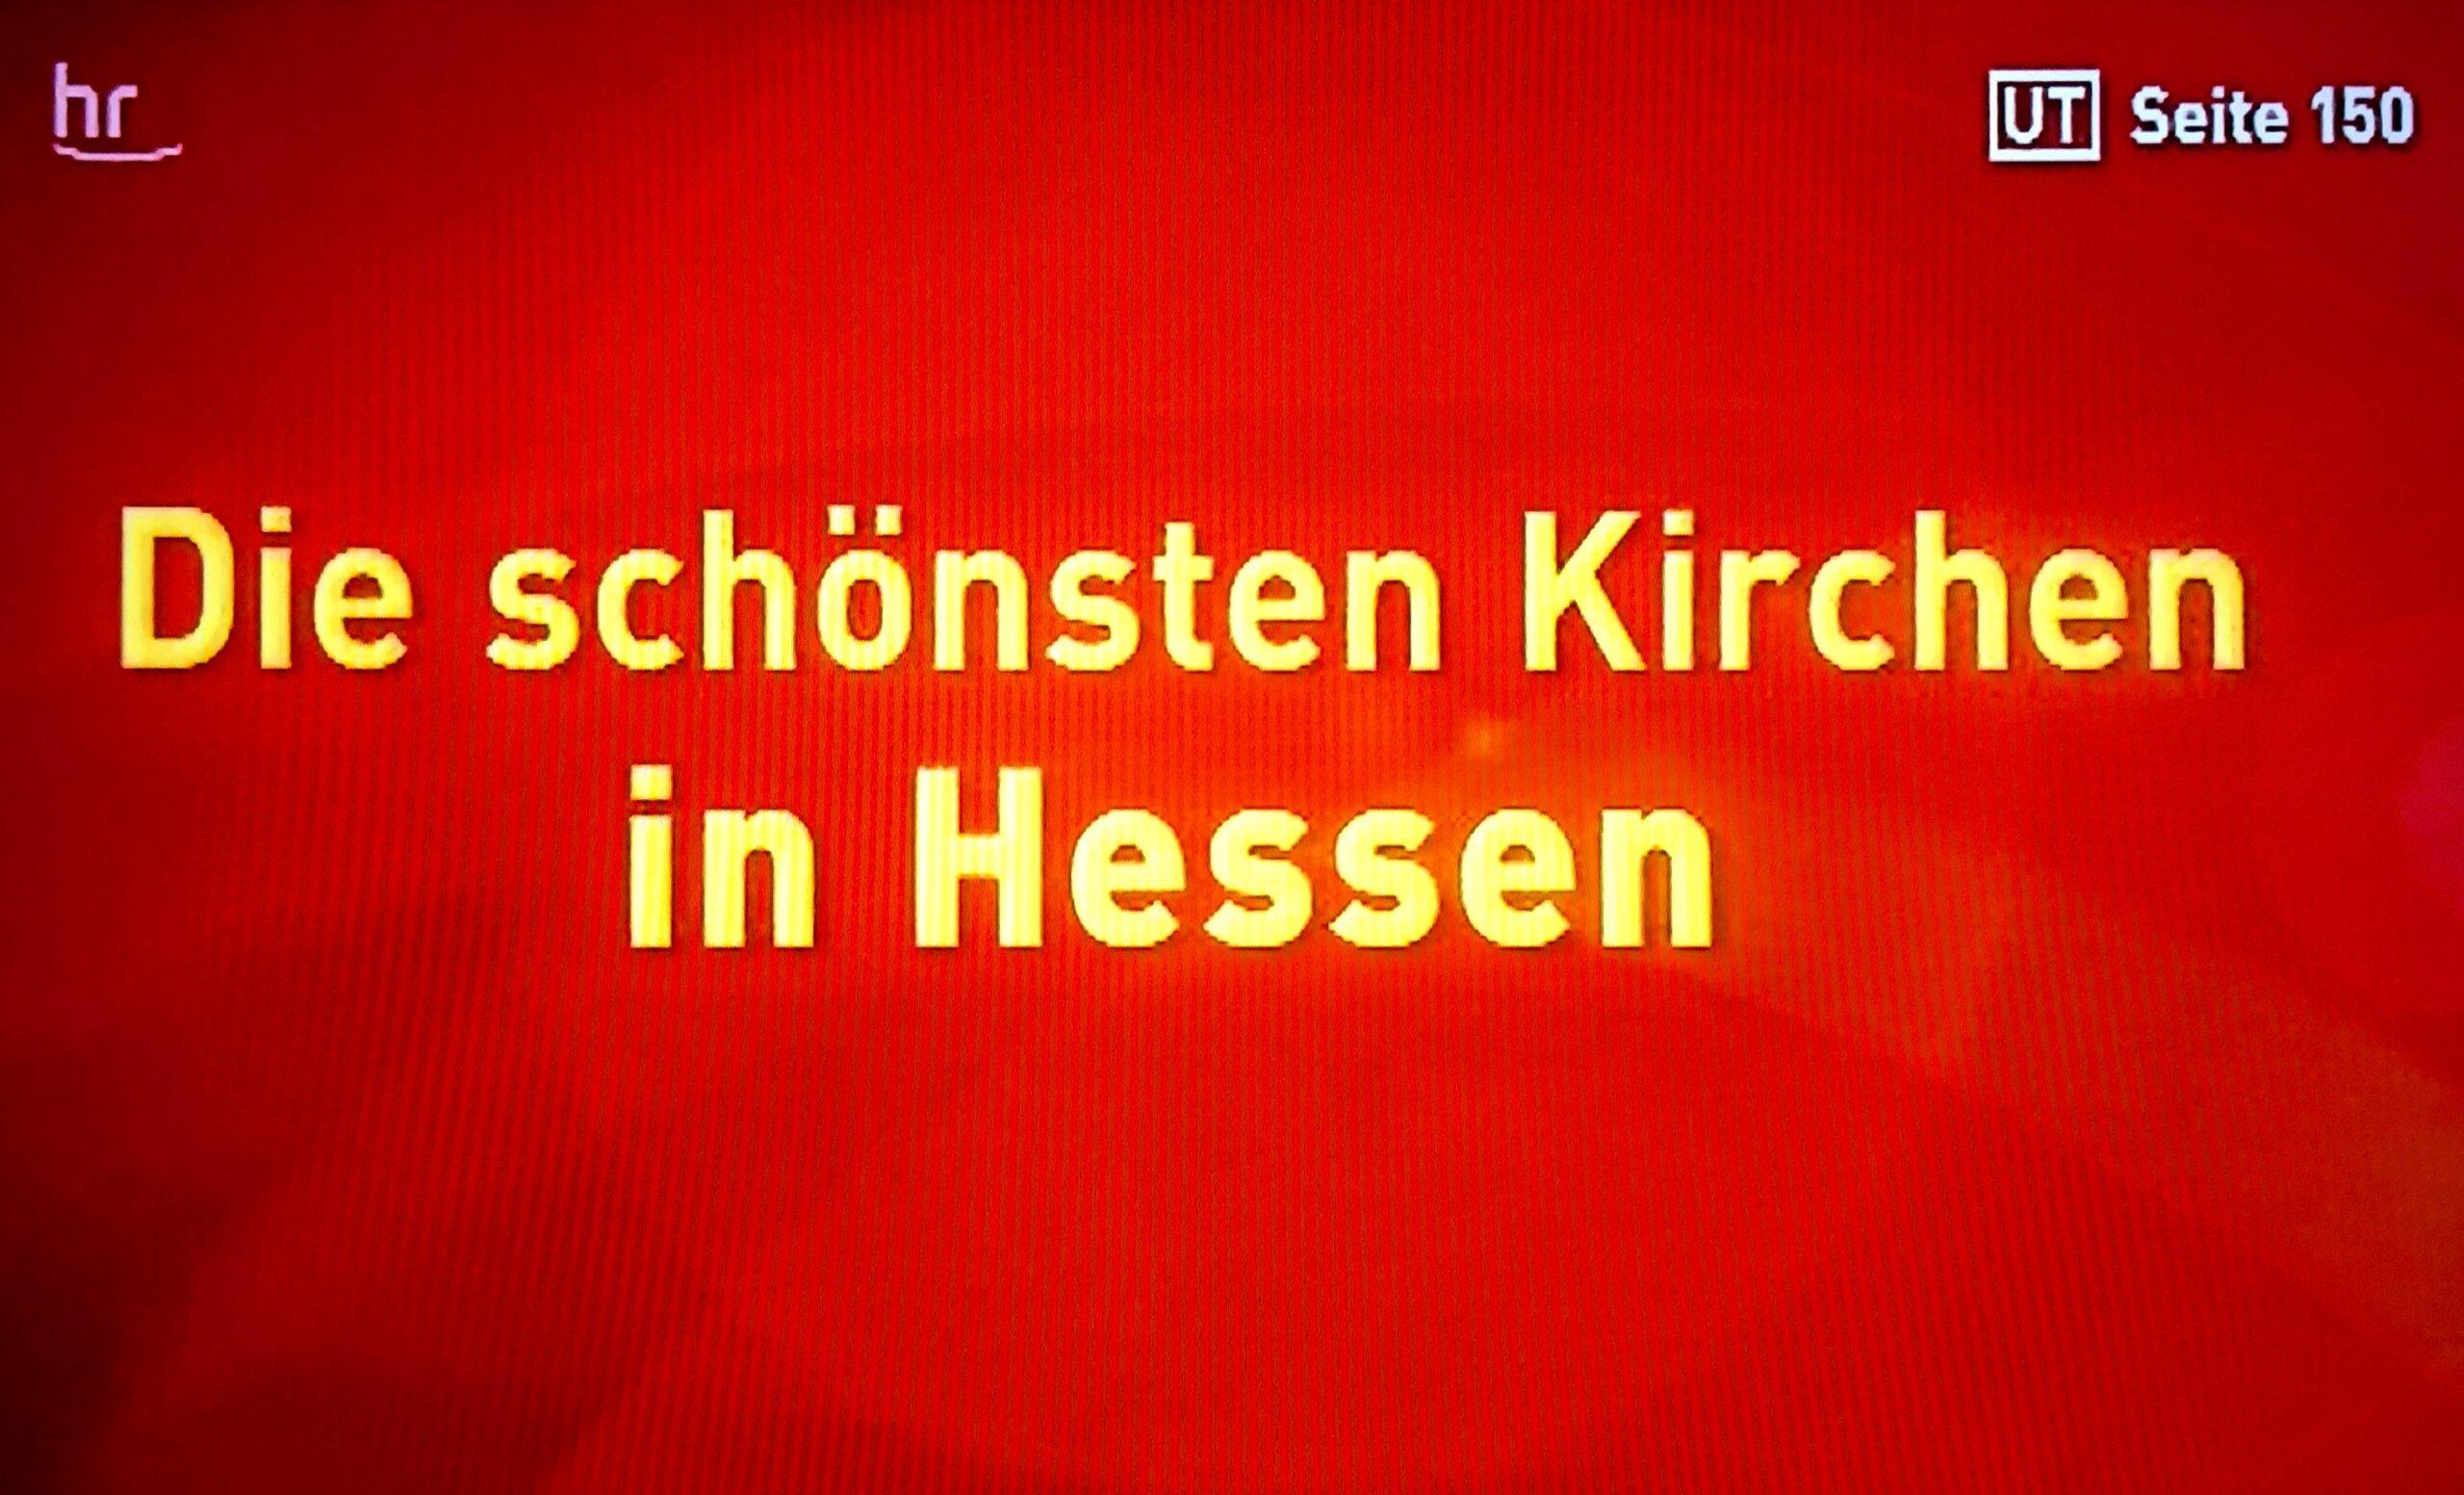 Full Size of Hr Leckere Landküche Rezepte Medienkorrespondenz Heimat Rundfunk 1001 Sendung Hotels In Bad Neuenahr Rollschrank Badezimmer Hochschrank Weiß Hochglanz Küche Wohnzimmer Hr Leckere Landküche Rezepte